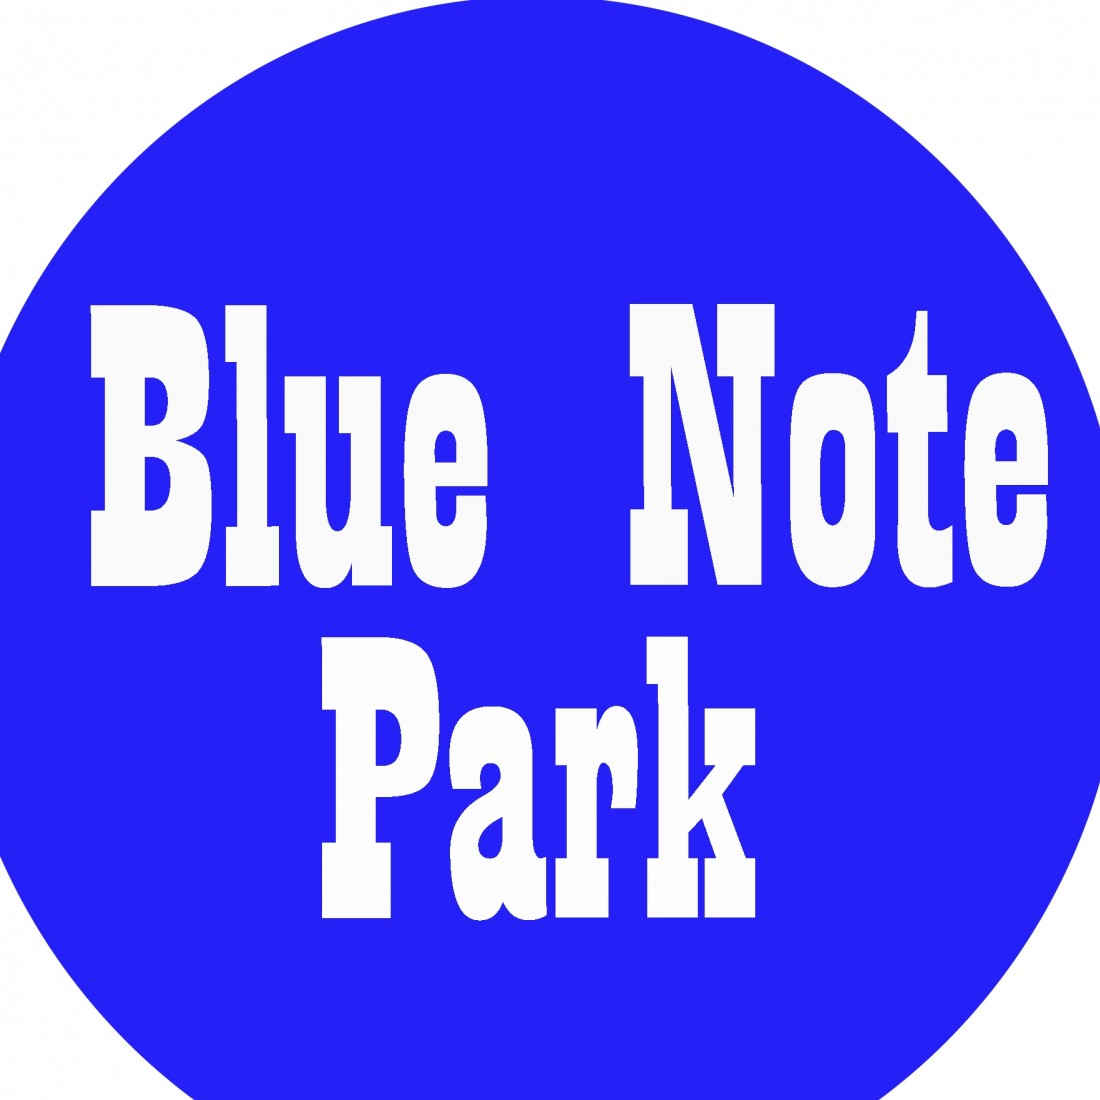 Blue Note Park